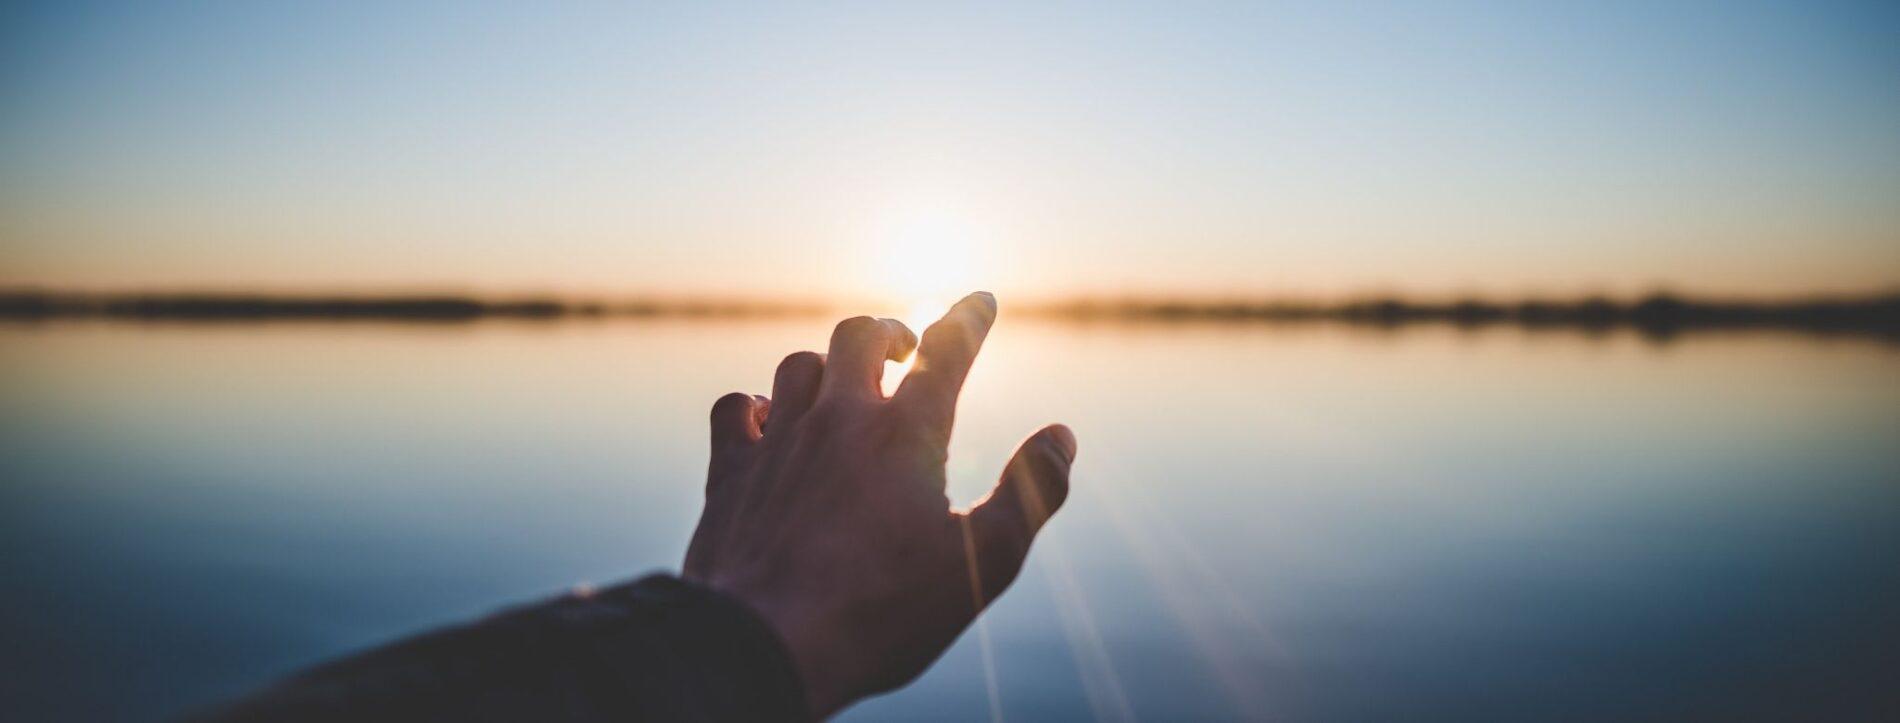 Foto di una mano che punta verso il sole